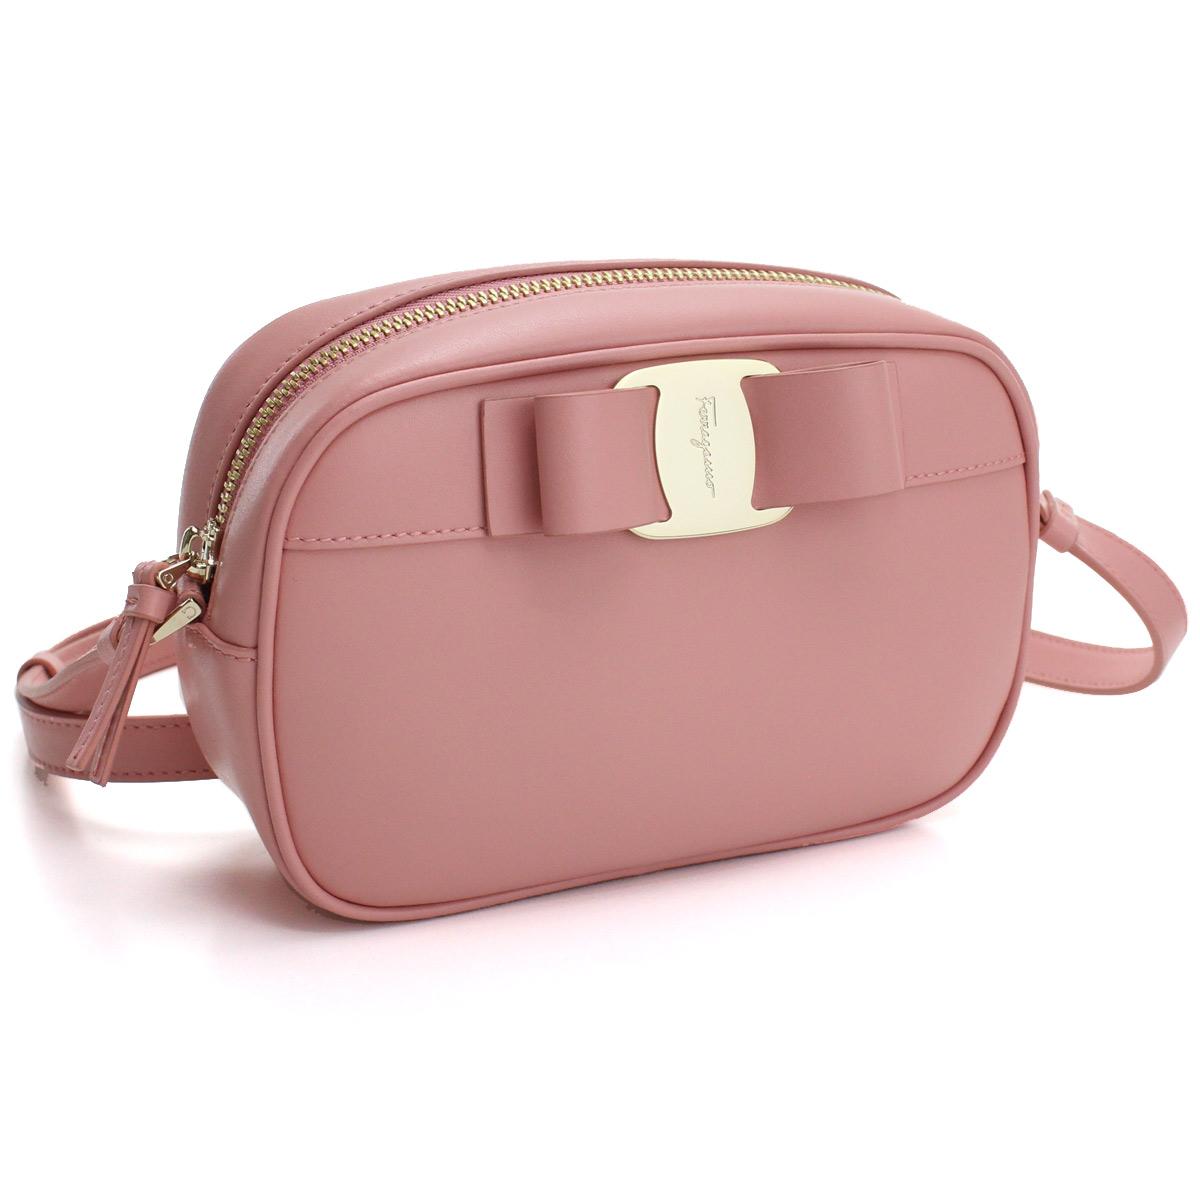 フェラガモ FERRAGAMO ポシェット 21-H498 0726804 DESERT ROSE ピンク系 レディース